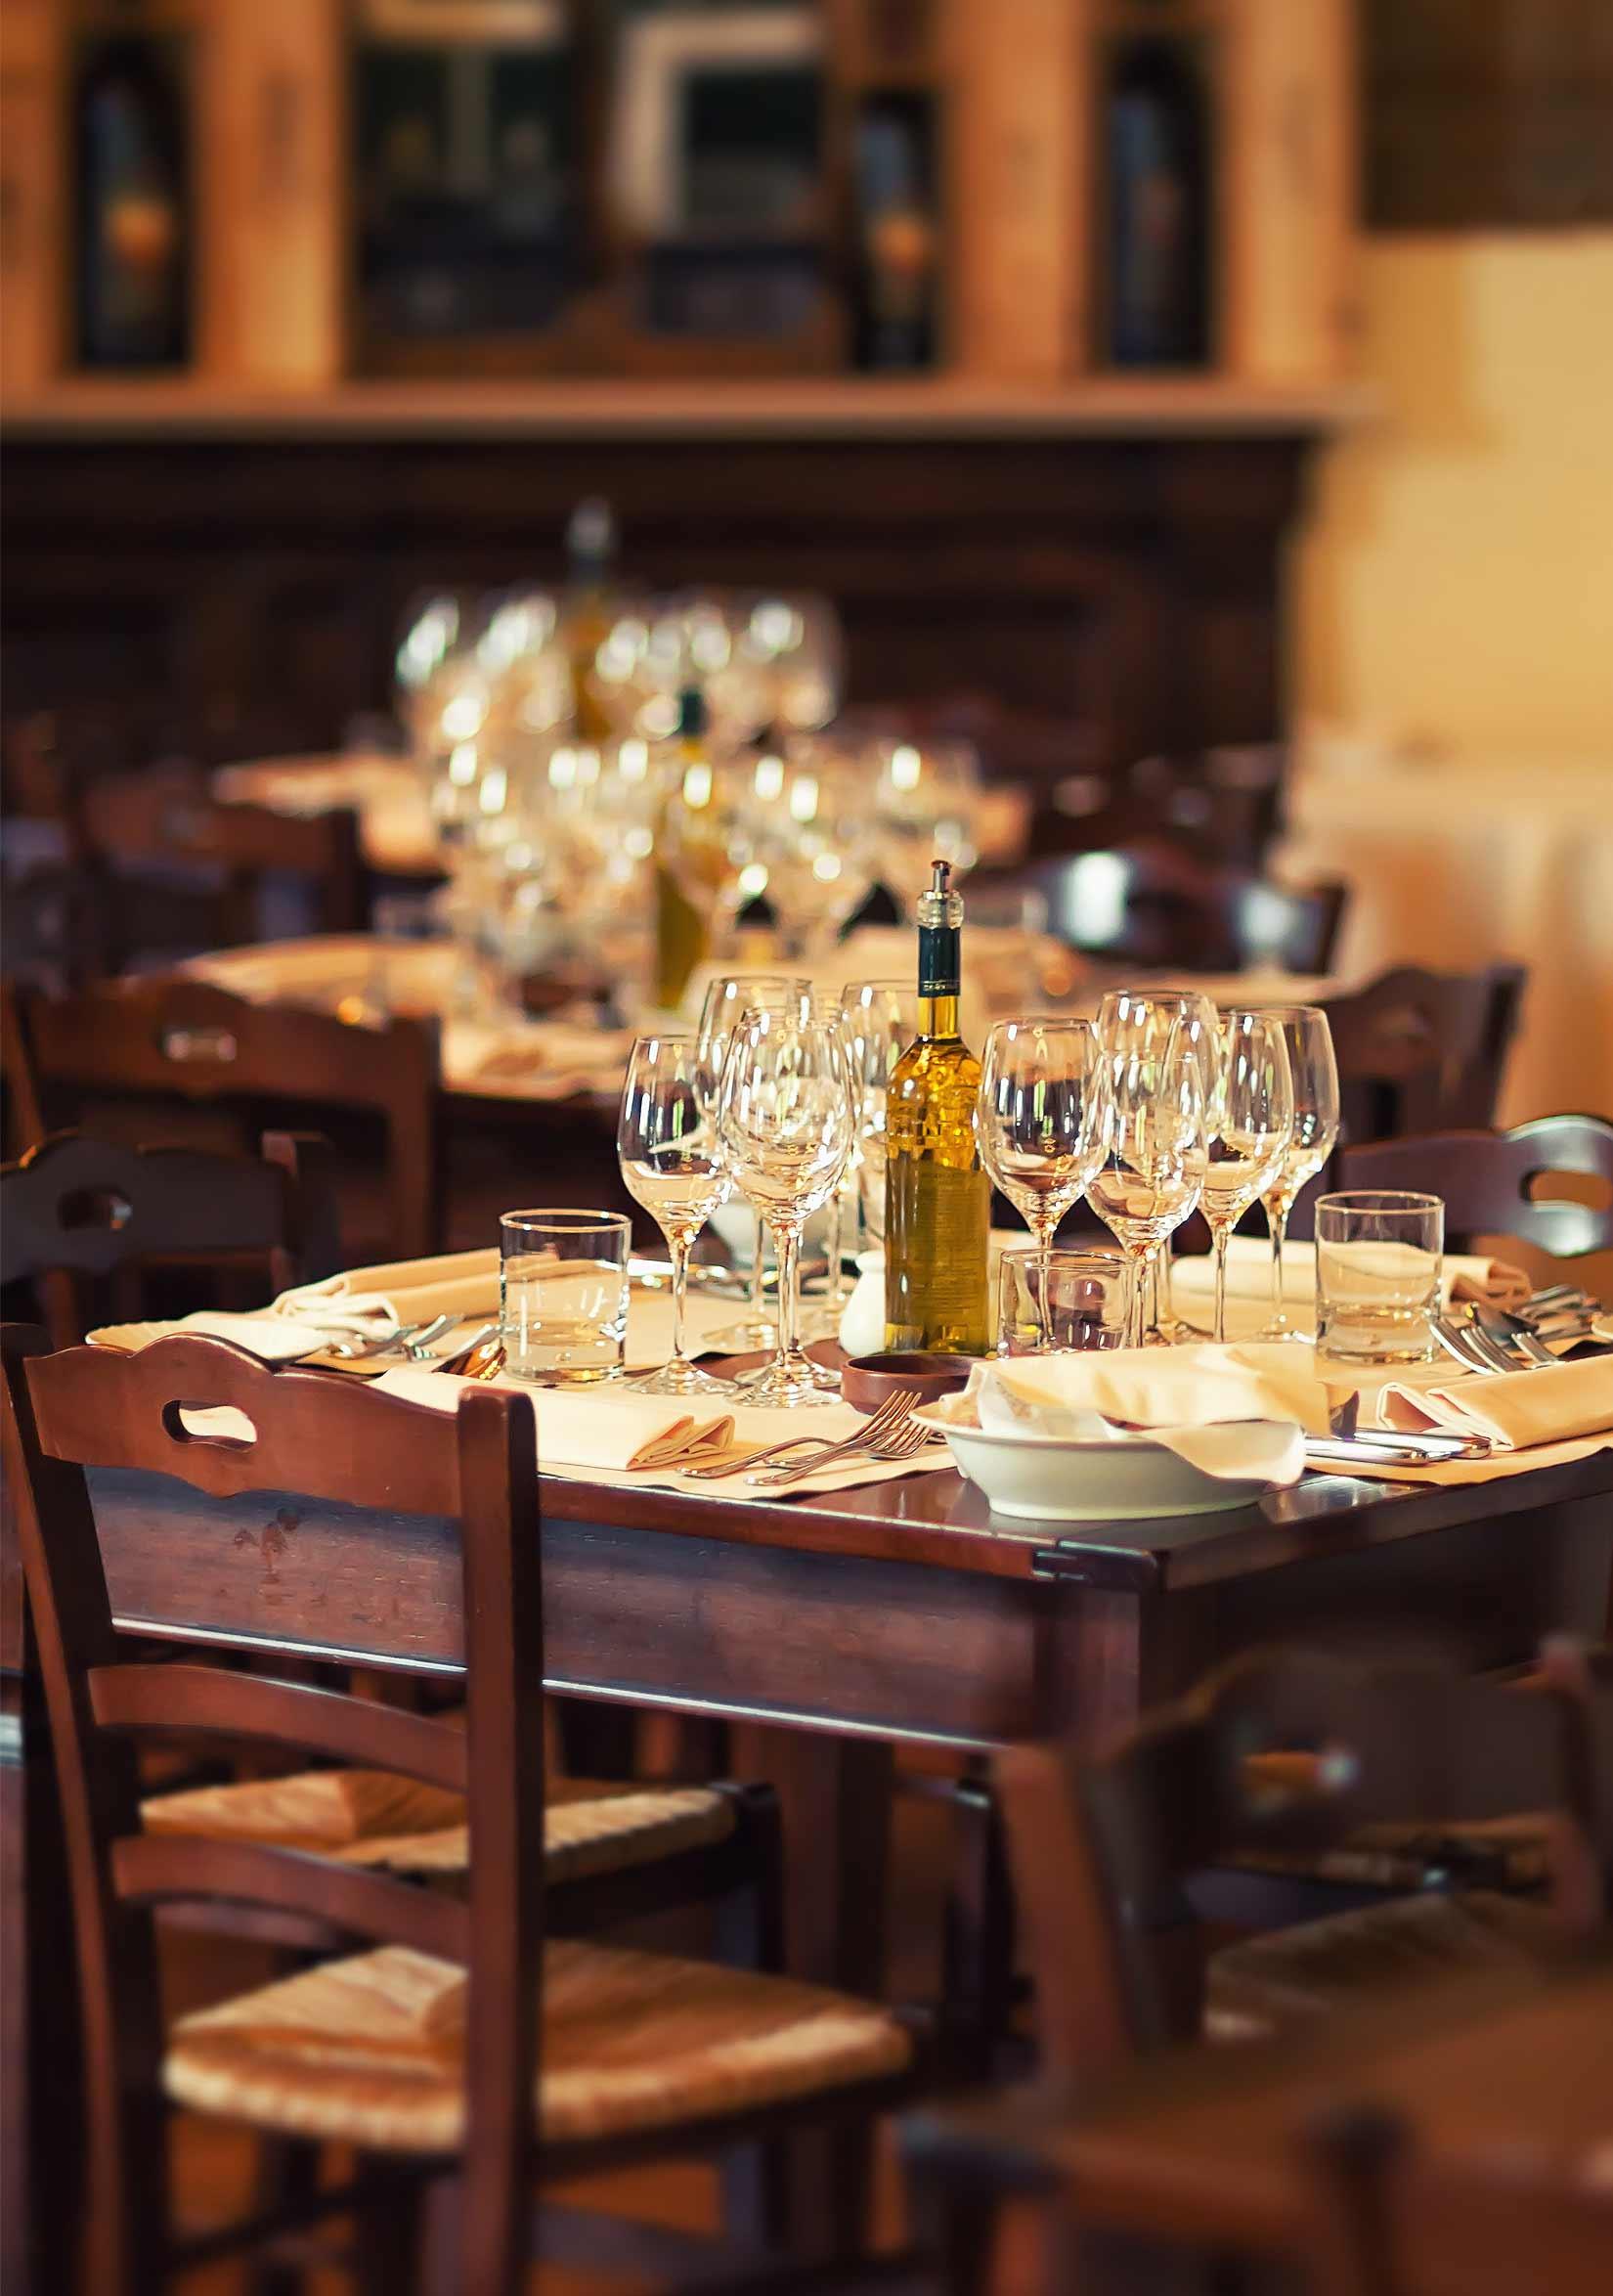 dining left img - ALGEMENE INFORMATIE